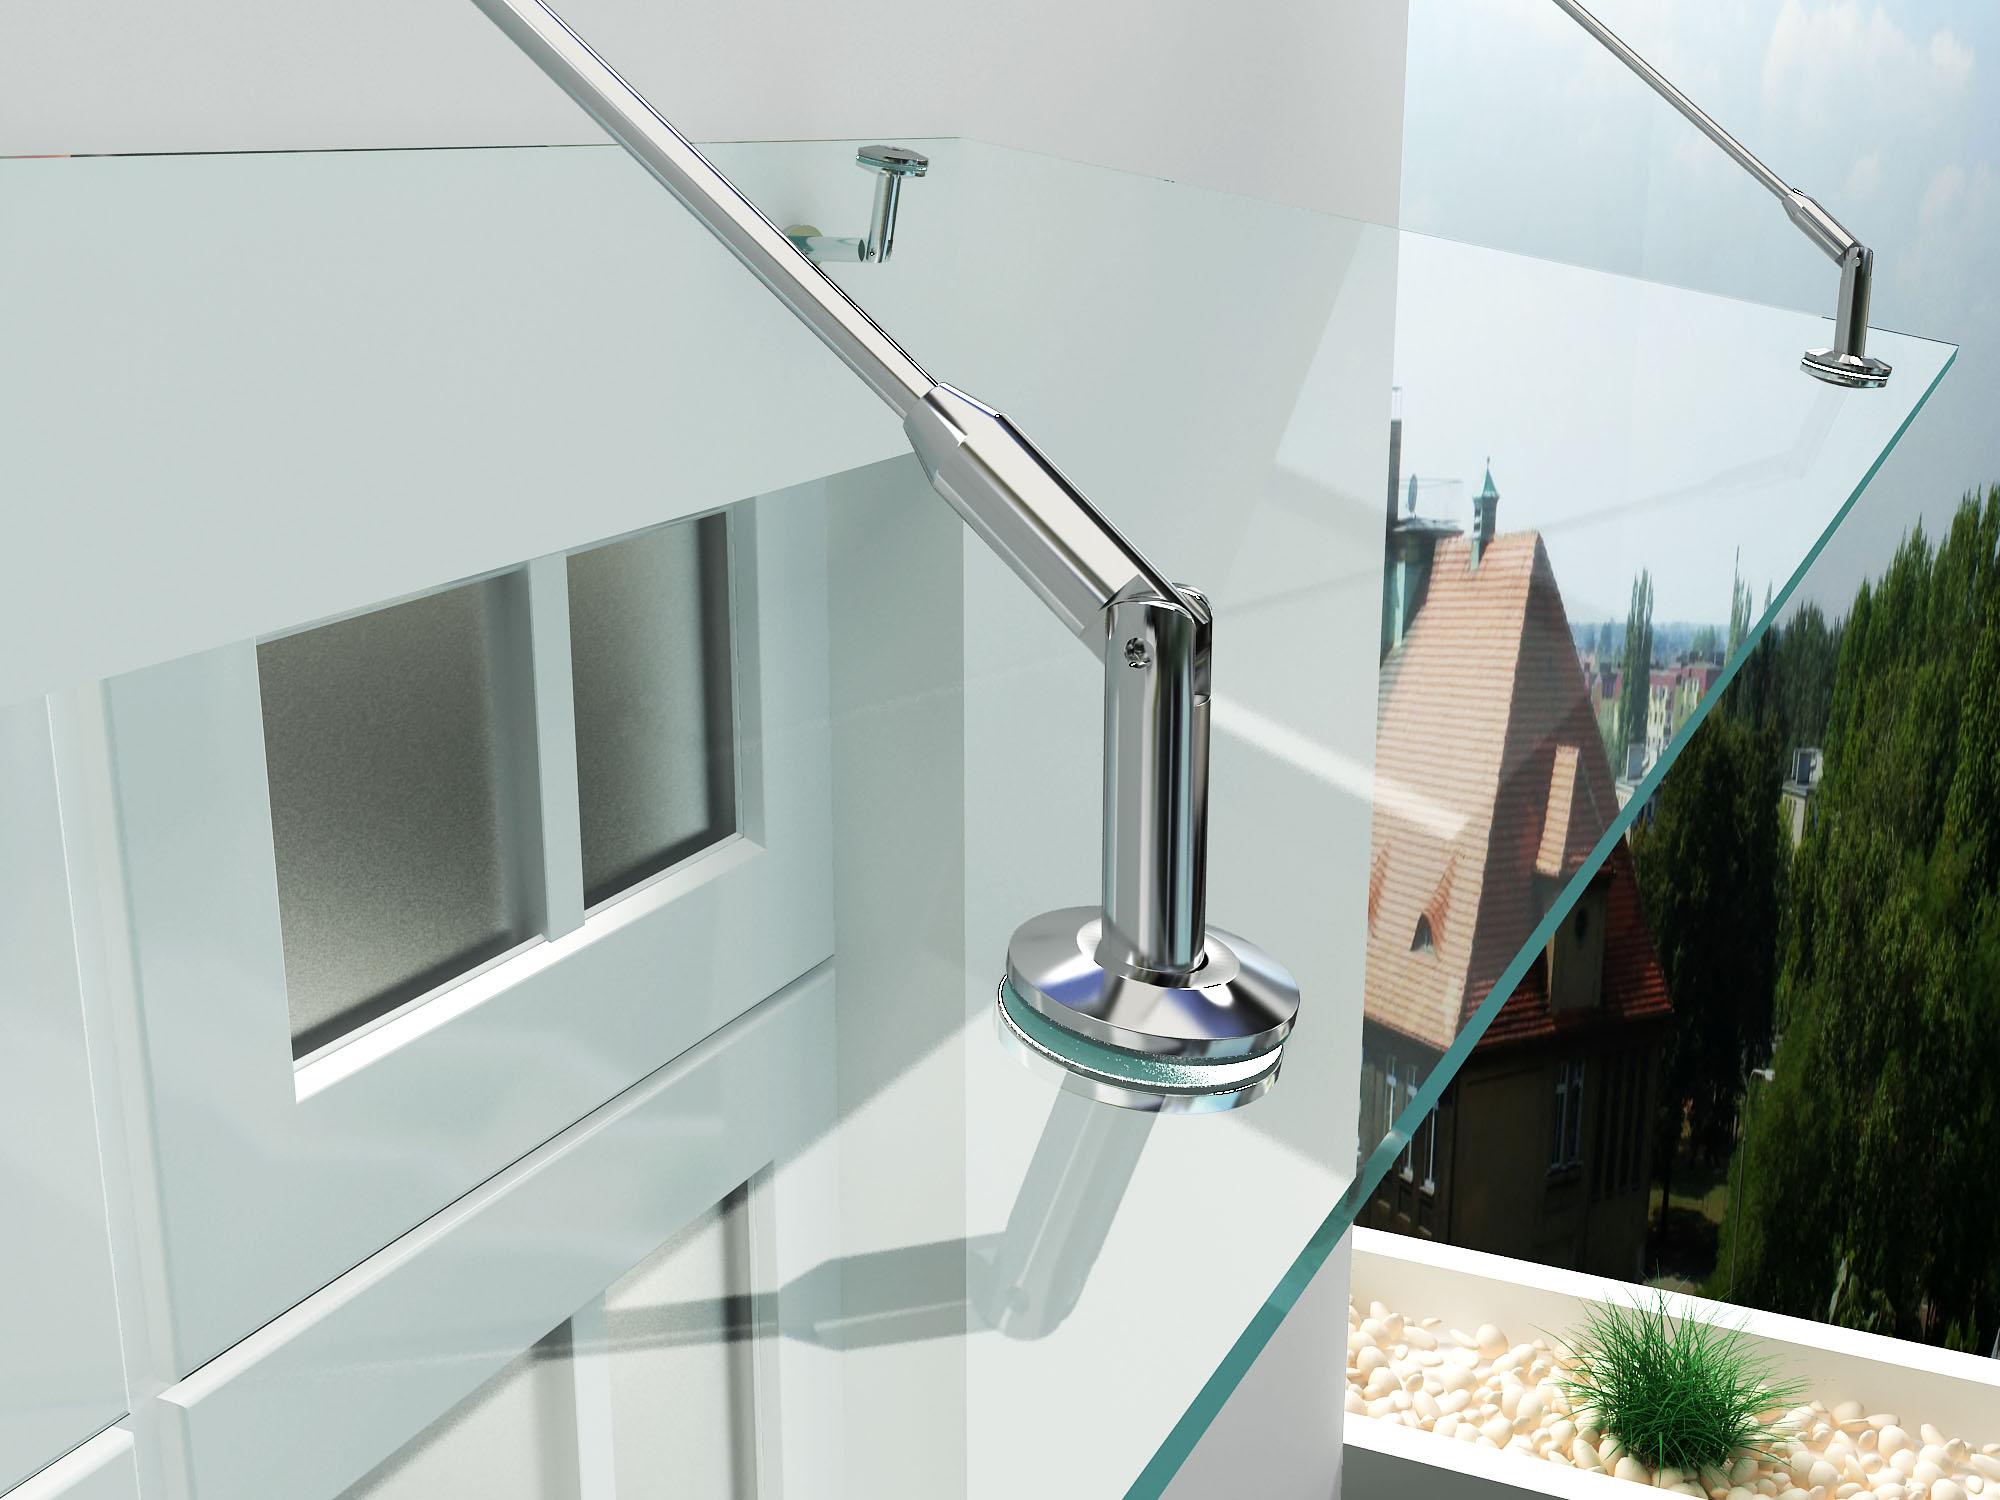 Vordach aus VSG Glas 150/180/200 x 90 cm Modernes Haustür Dach in ...